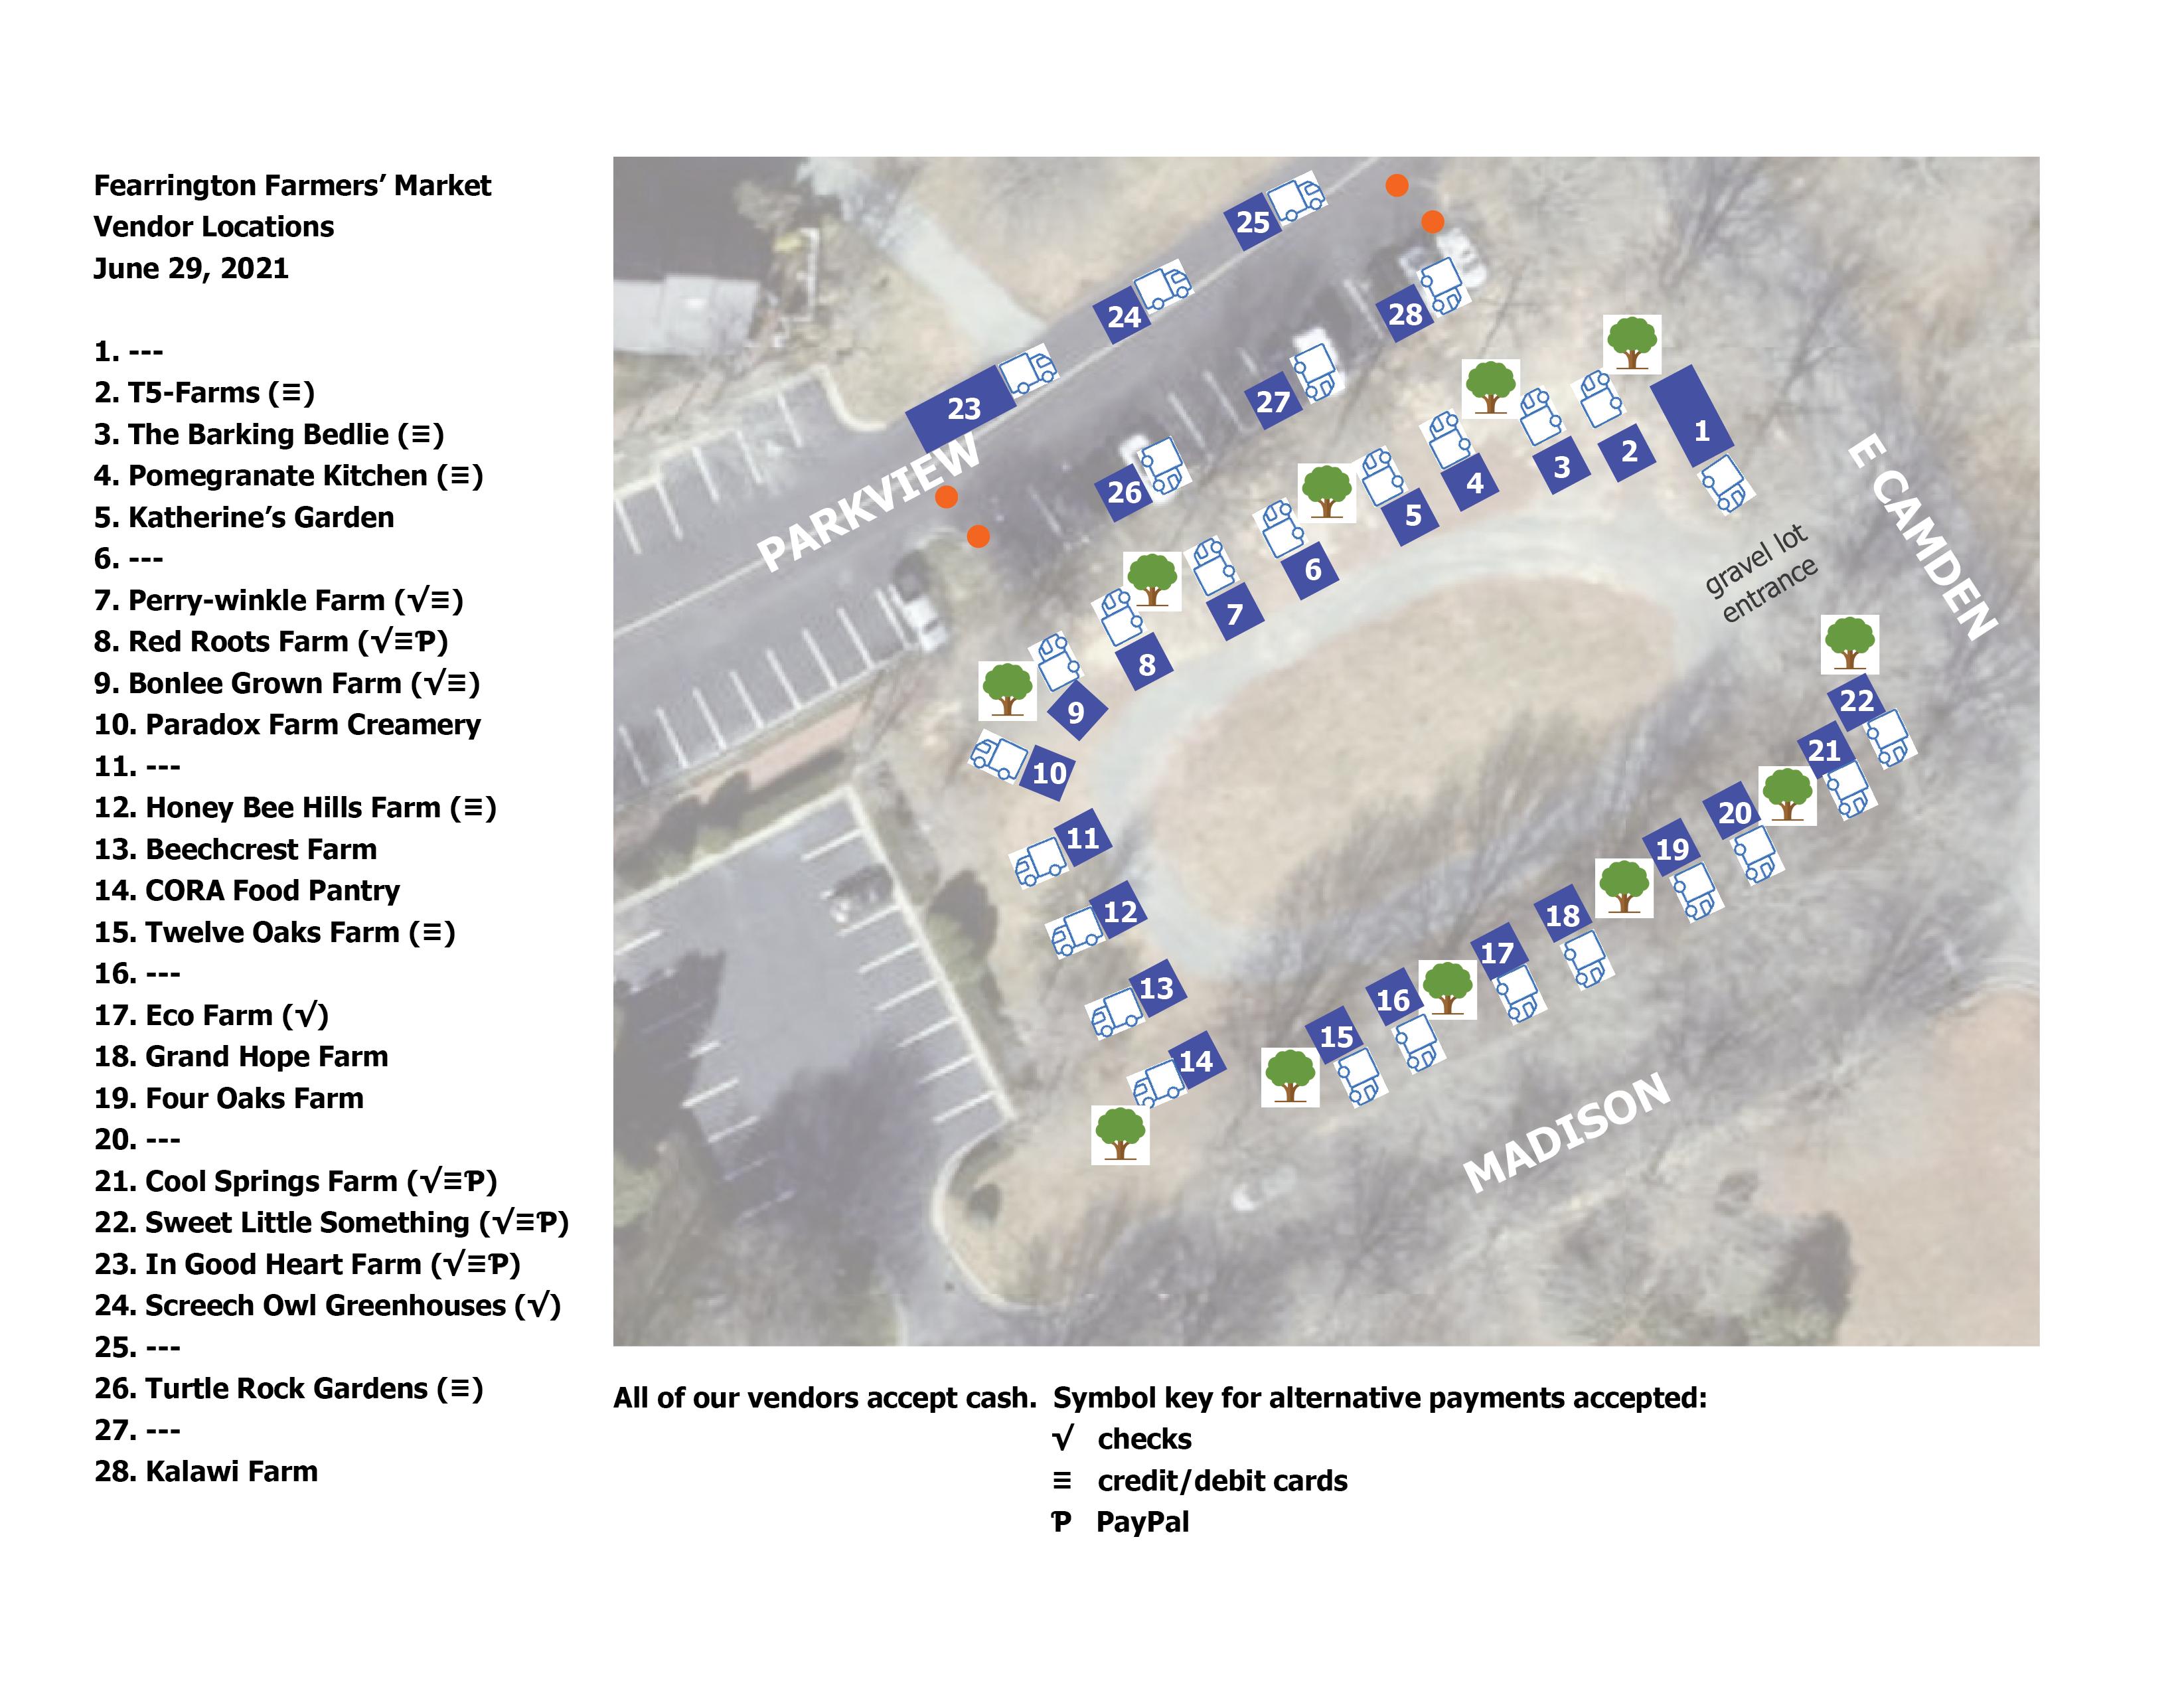 ffm vendor map 062921